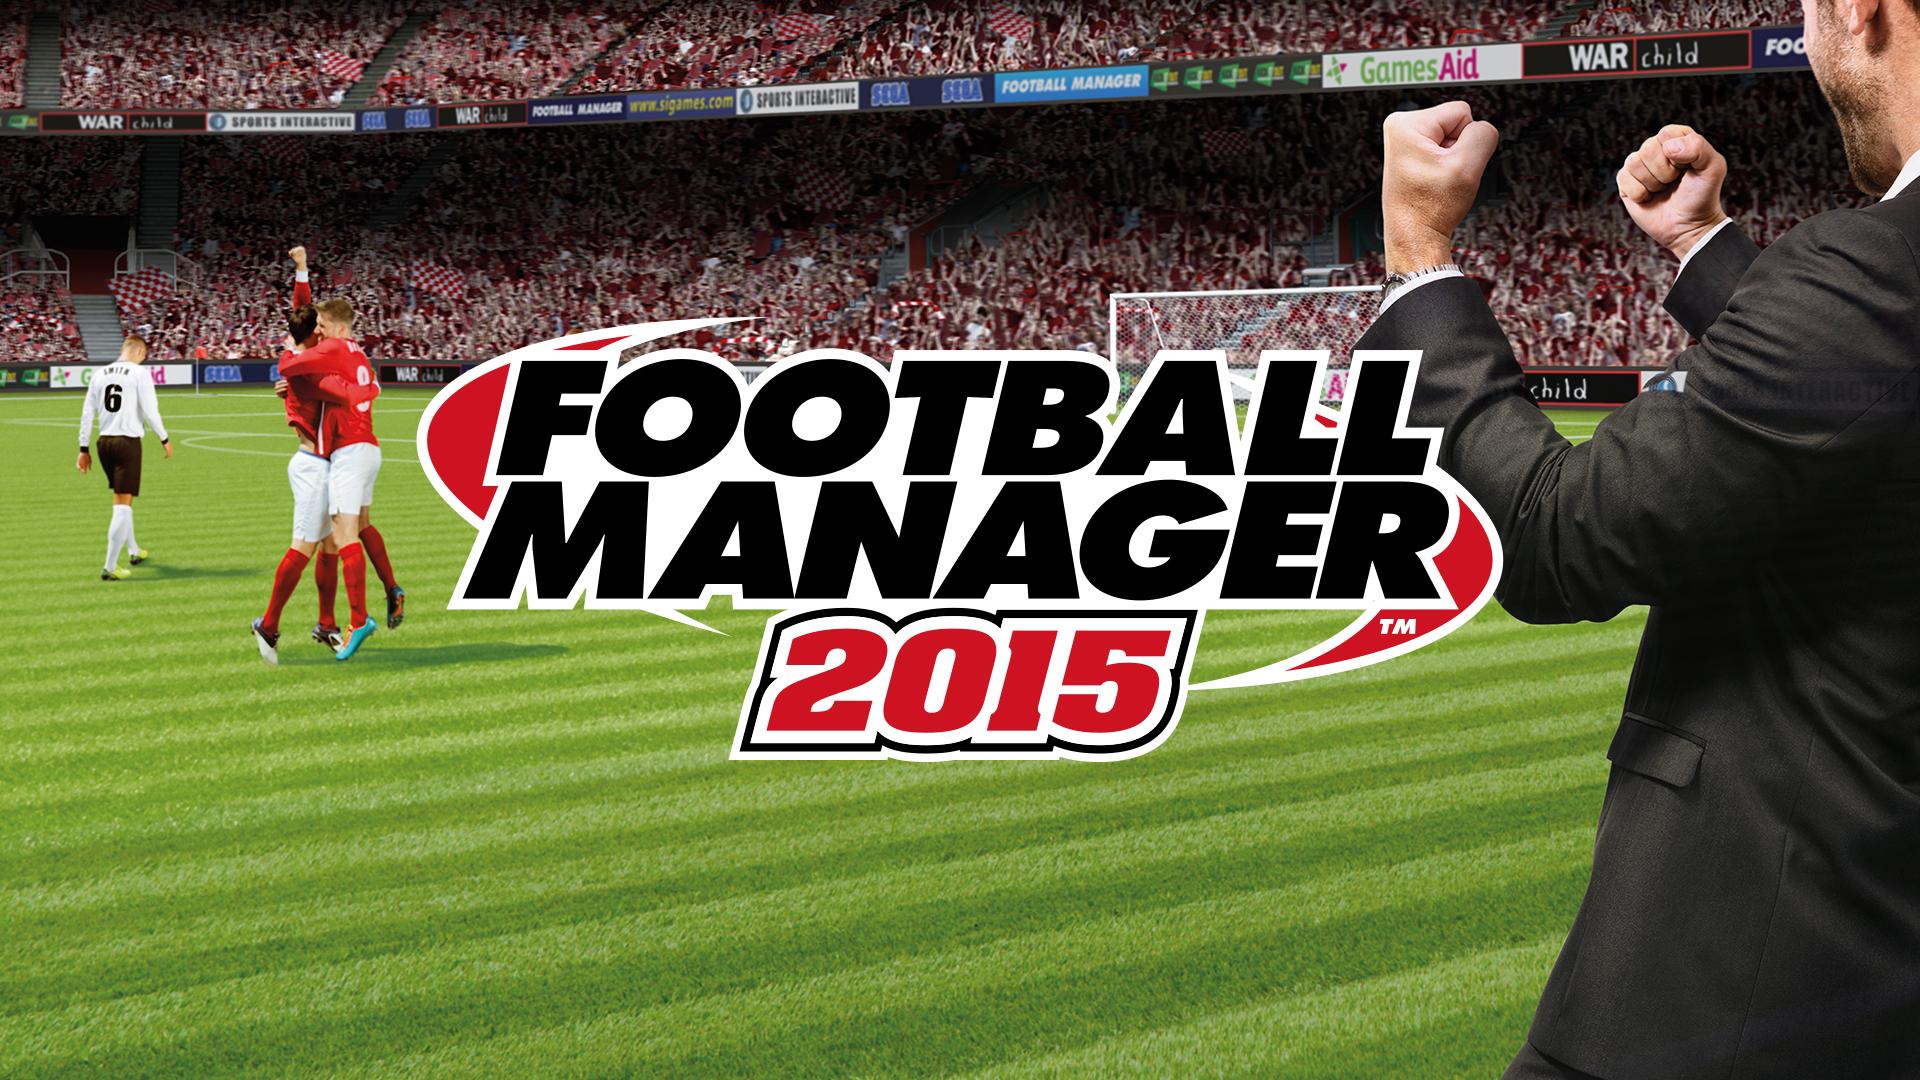 Football manager 2014 скачать торрент с реальными игроками и эмблемами